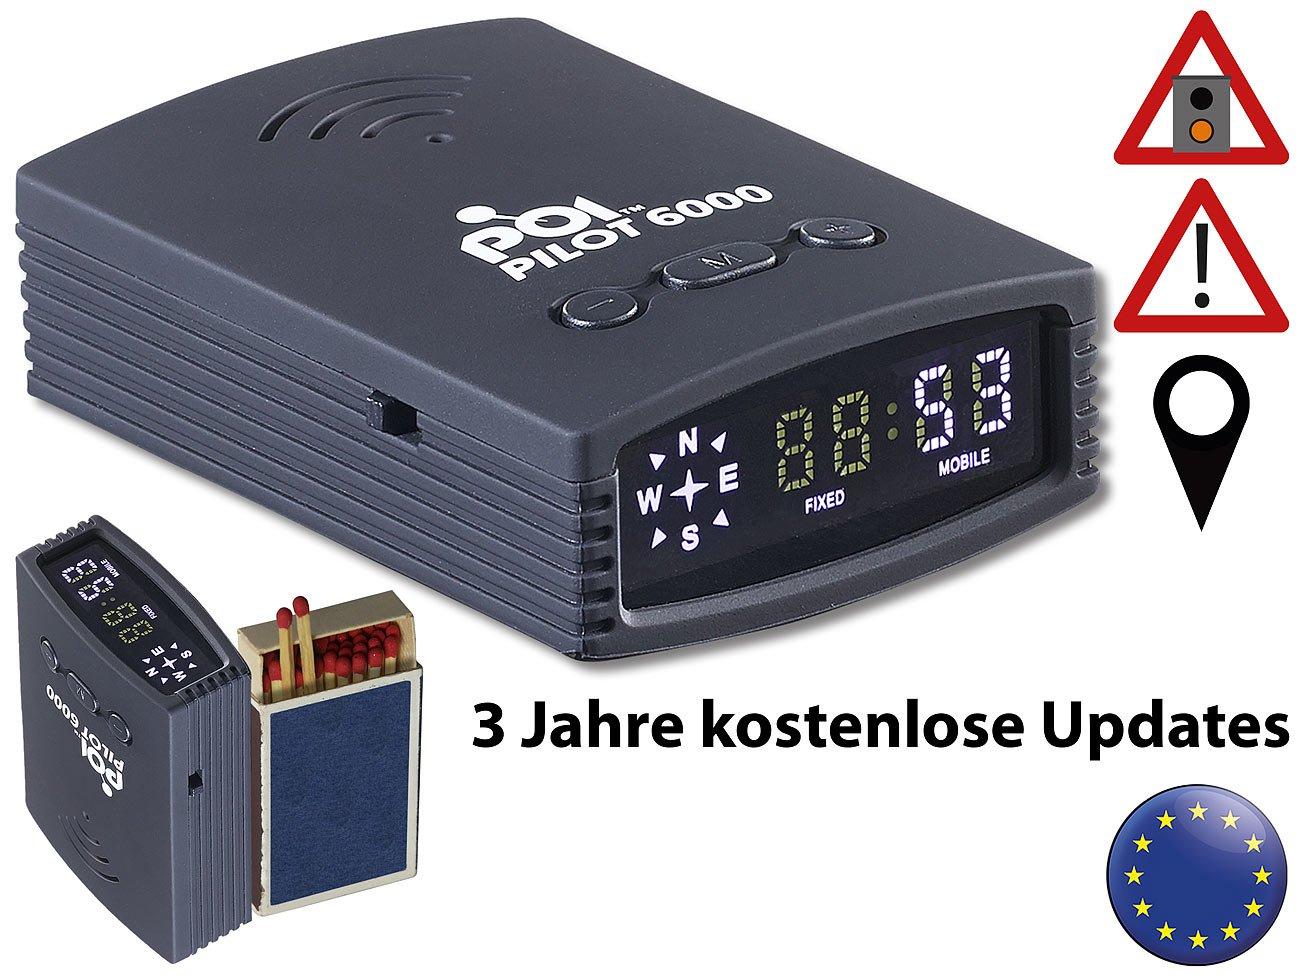 POI-Pilot-6000-POI-Pilot-GPS-Gefahren-Warner-mit-POI-Daten-fr-Europa-3-Jahre-kostenl-Updates-Blitzwarner